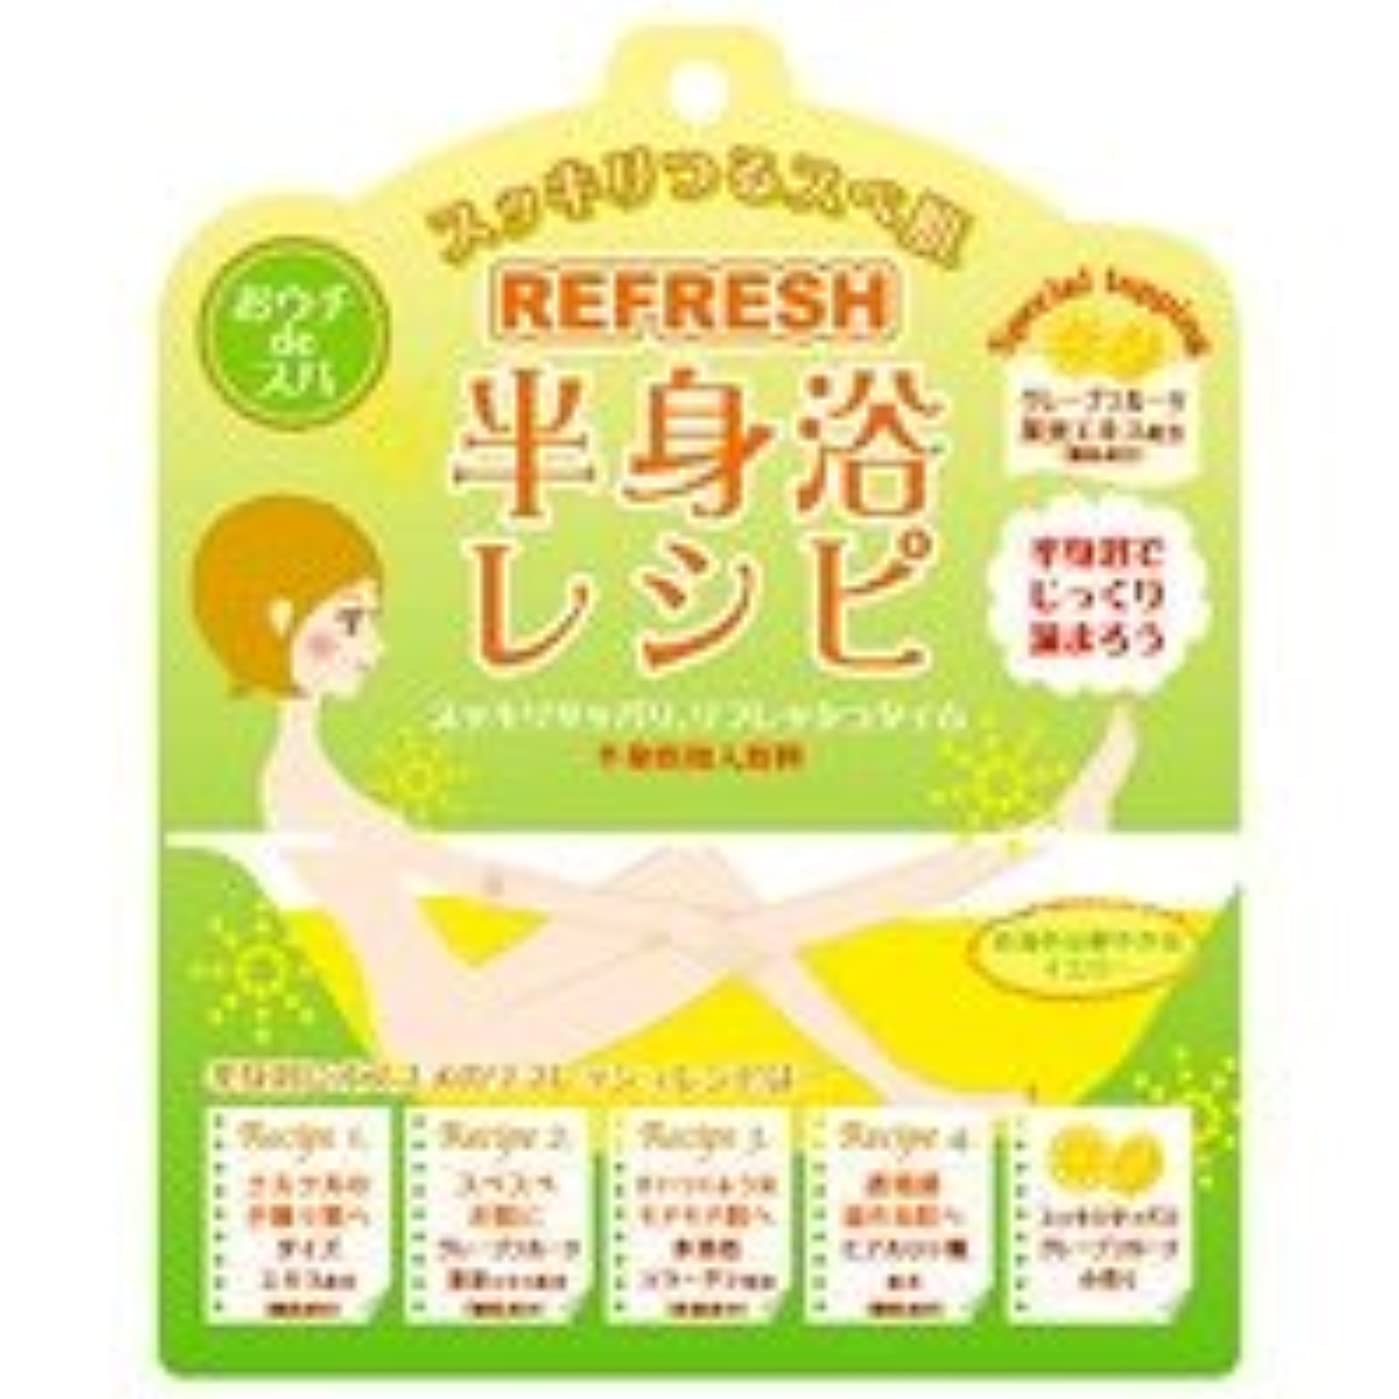 全く肖像画アラブサラボ半身浴レシピ「リフレッシュレシピ」10個セット クリアイエローのお湯 スッキリサッパリなグレープフルーツの香り